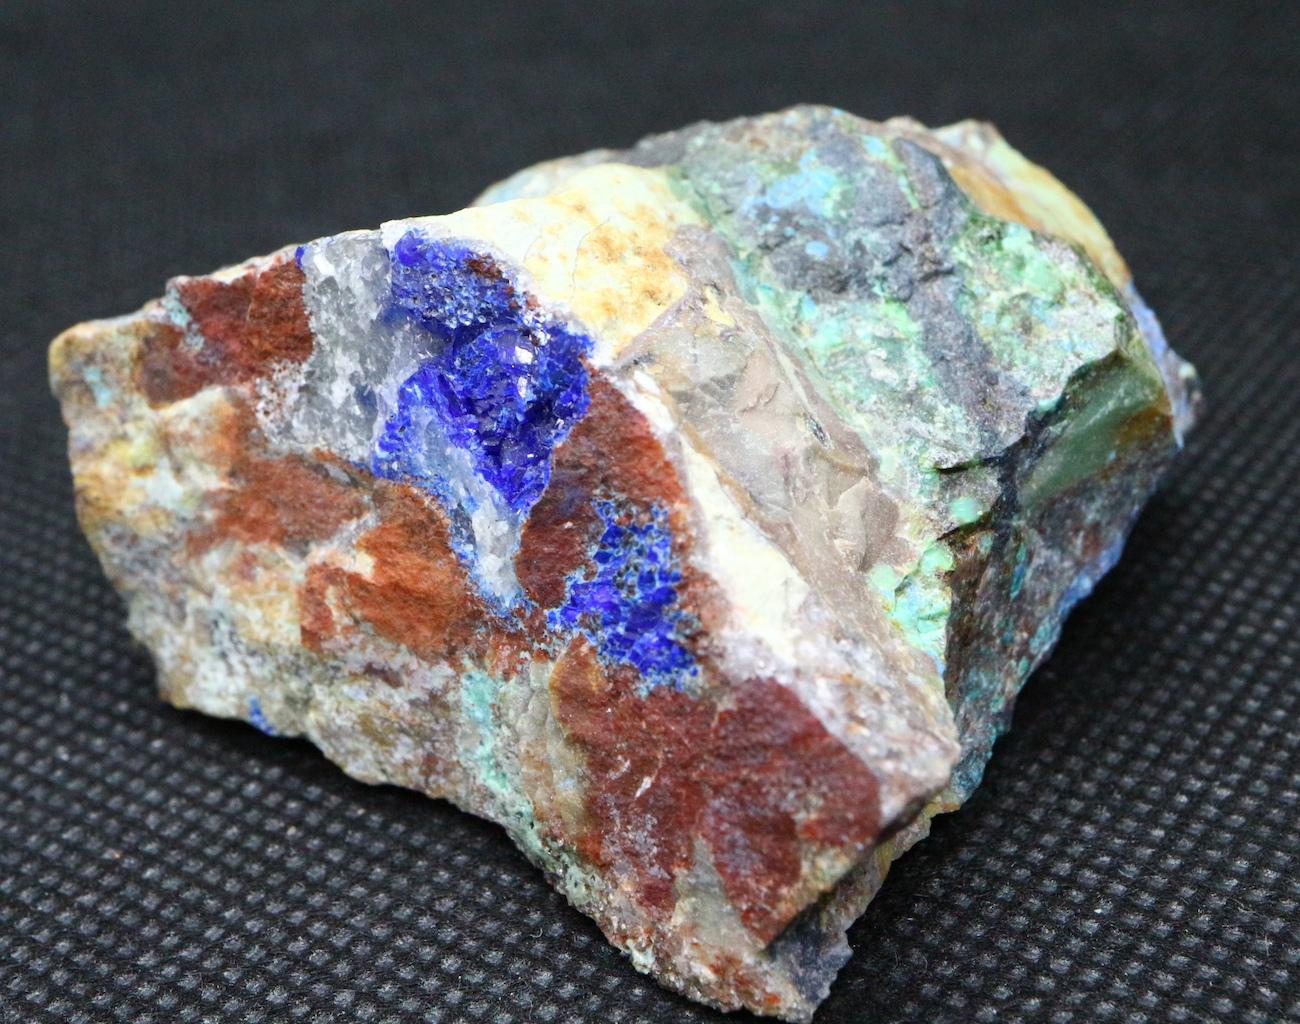 アリゾナ産 リナライト Linarite (青鉛鉱) 84g LN005 鉱物 原石 天然石 パワーストーン